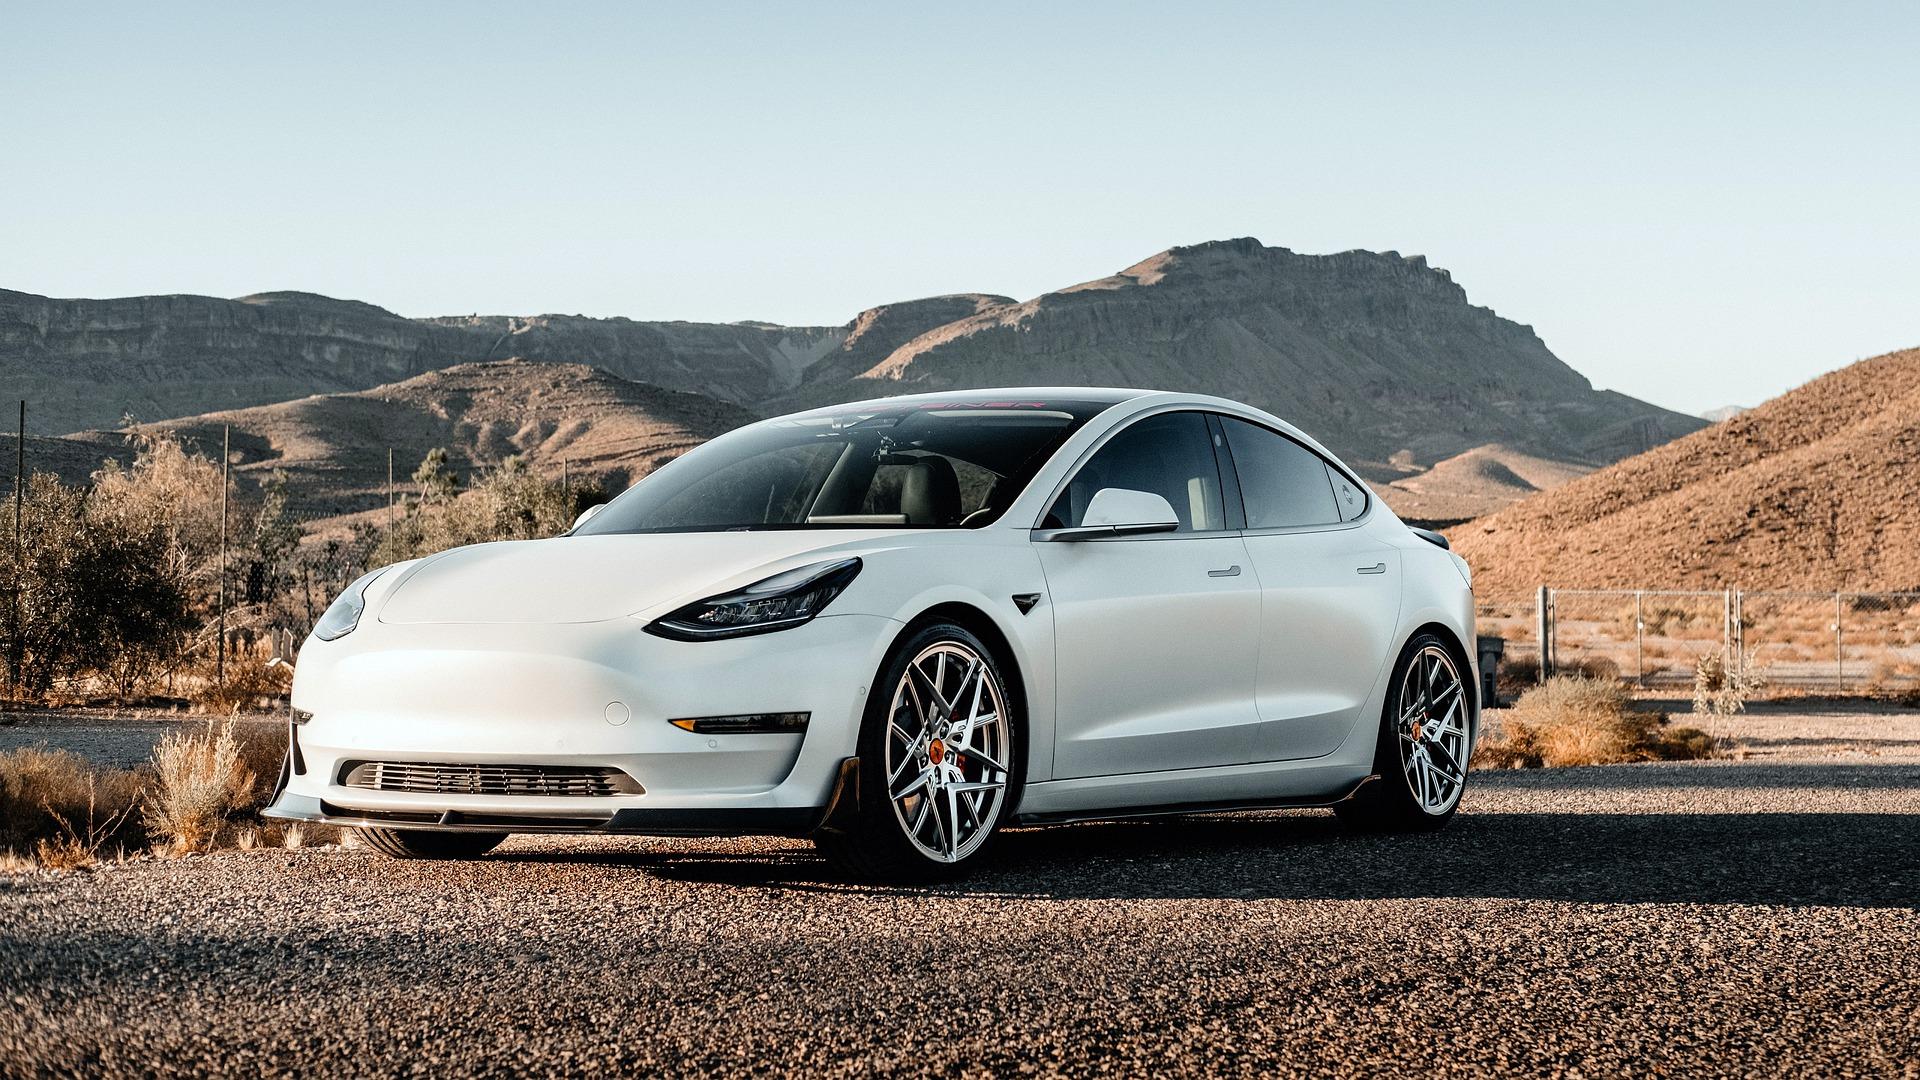 Der weltbeste Motorenbauer dämpft die Elektroauto-Euphorie